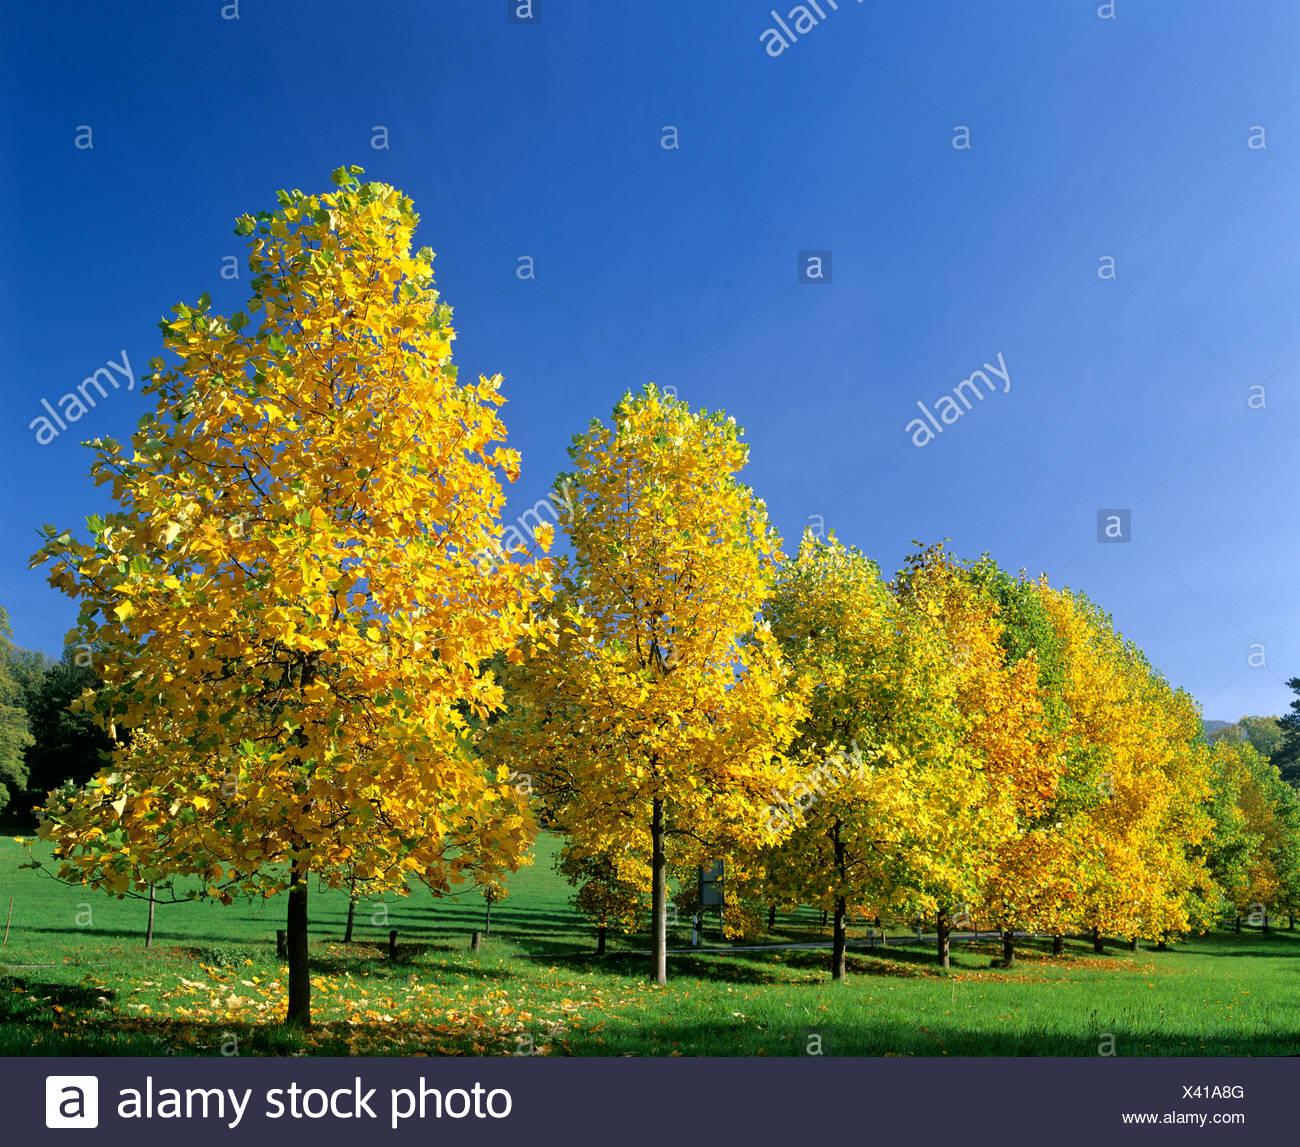 Junge Ahornbäume (Acer) im Herbst, herbstliche Laub, Deutschland, Europa Stockbild